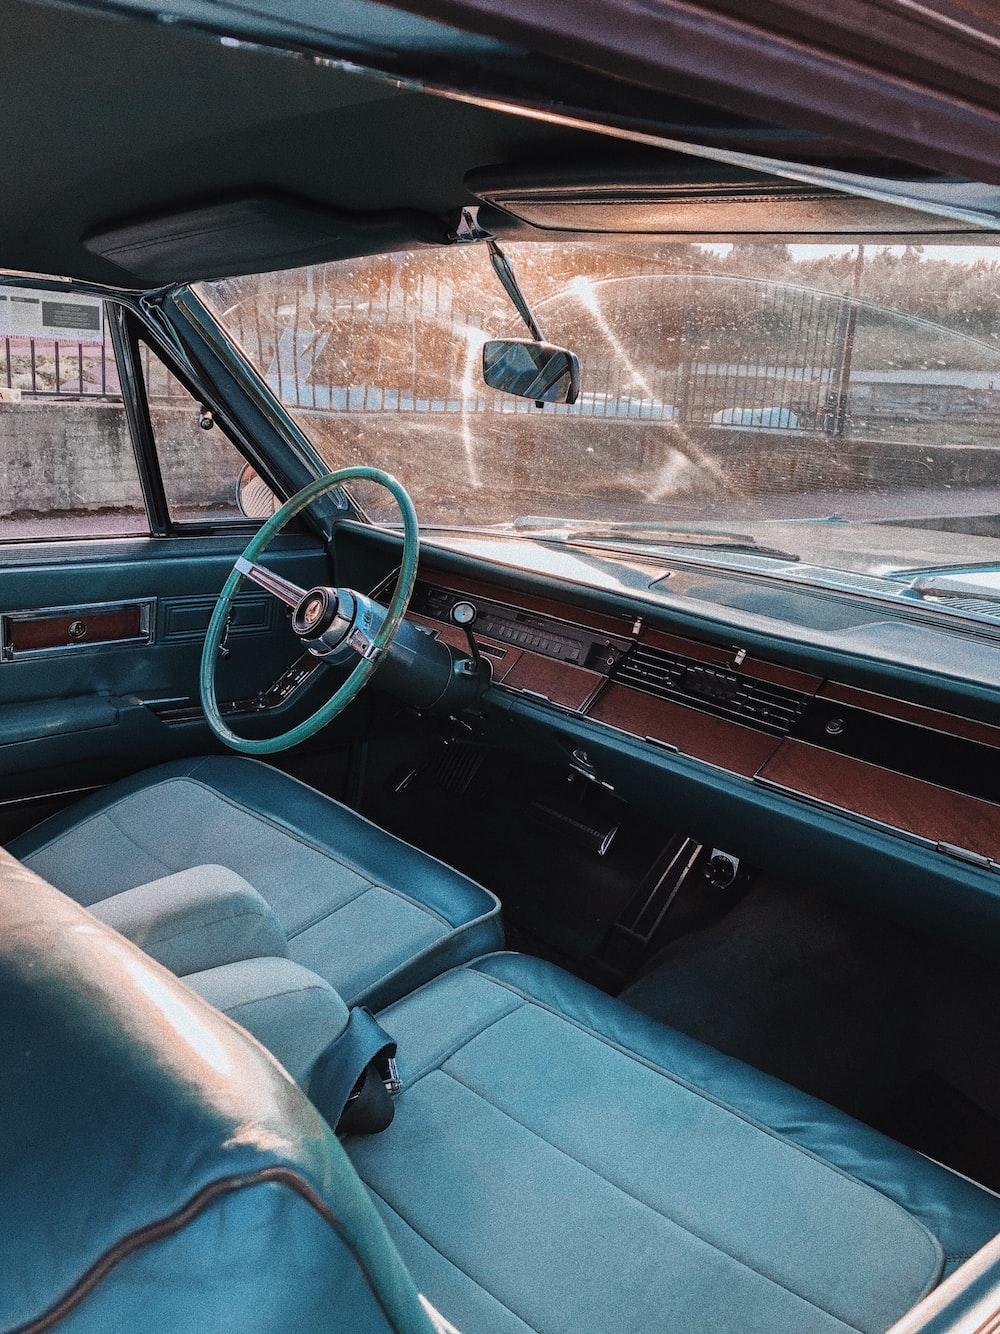 empty vehicle interior